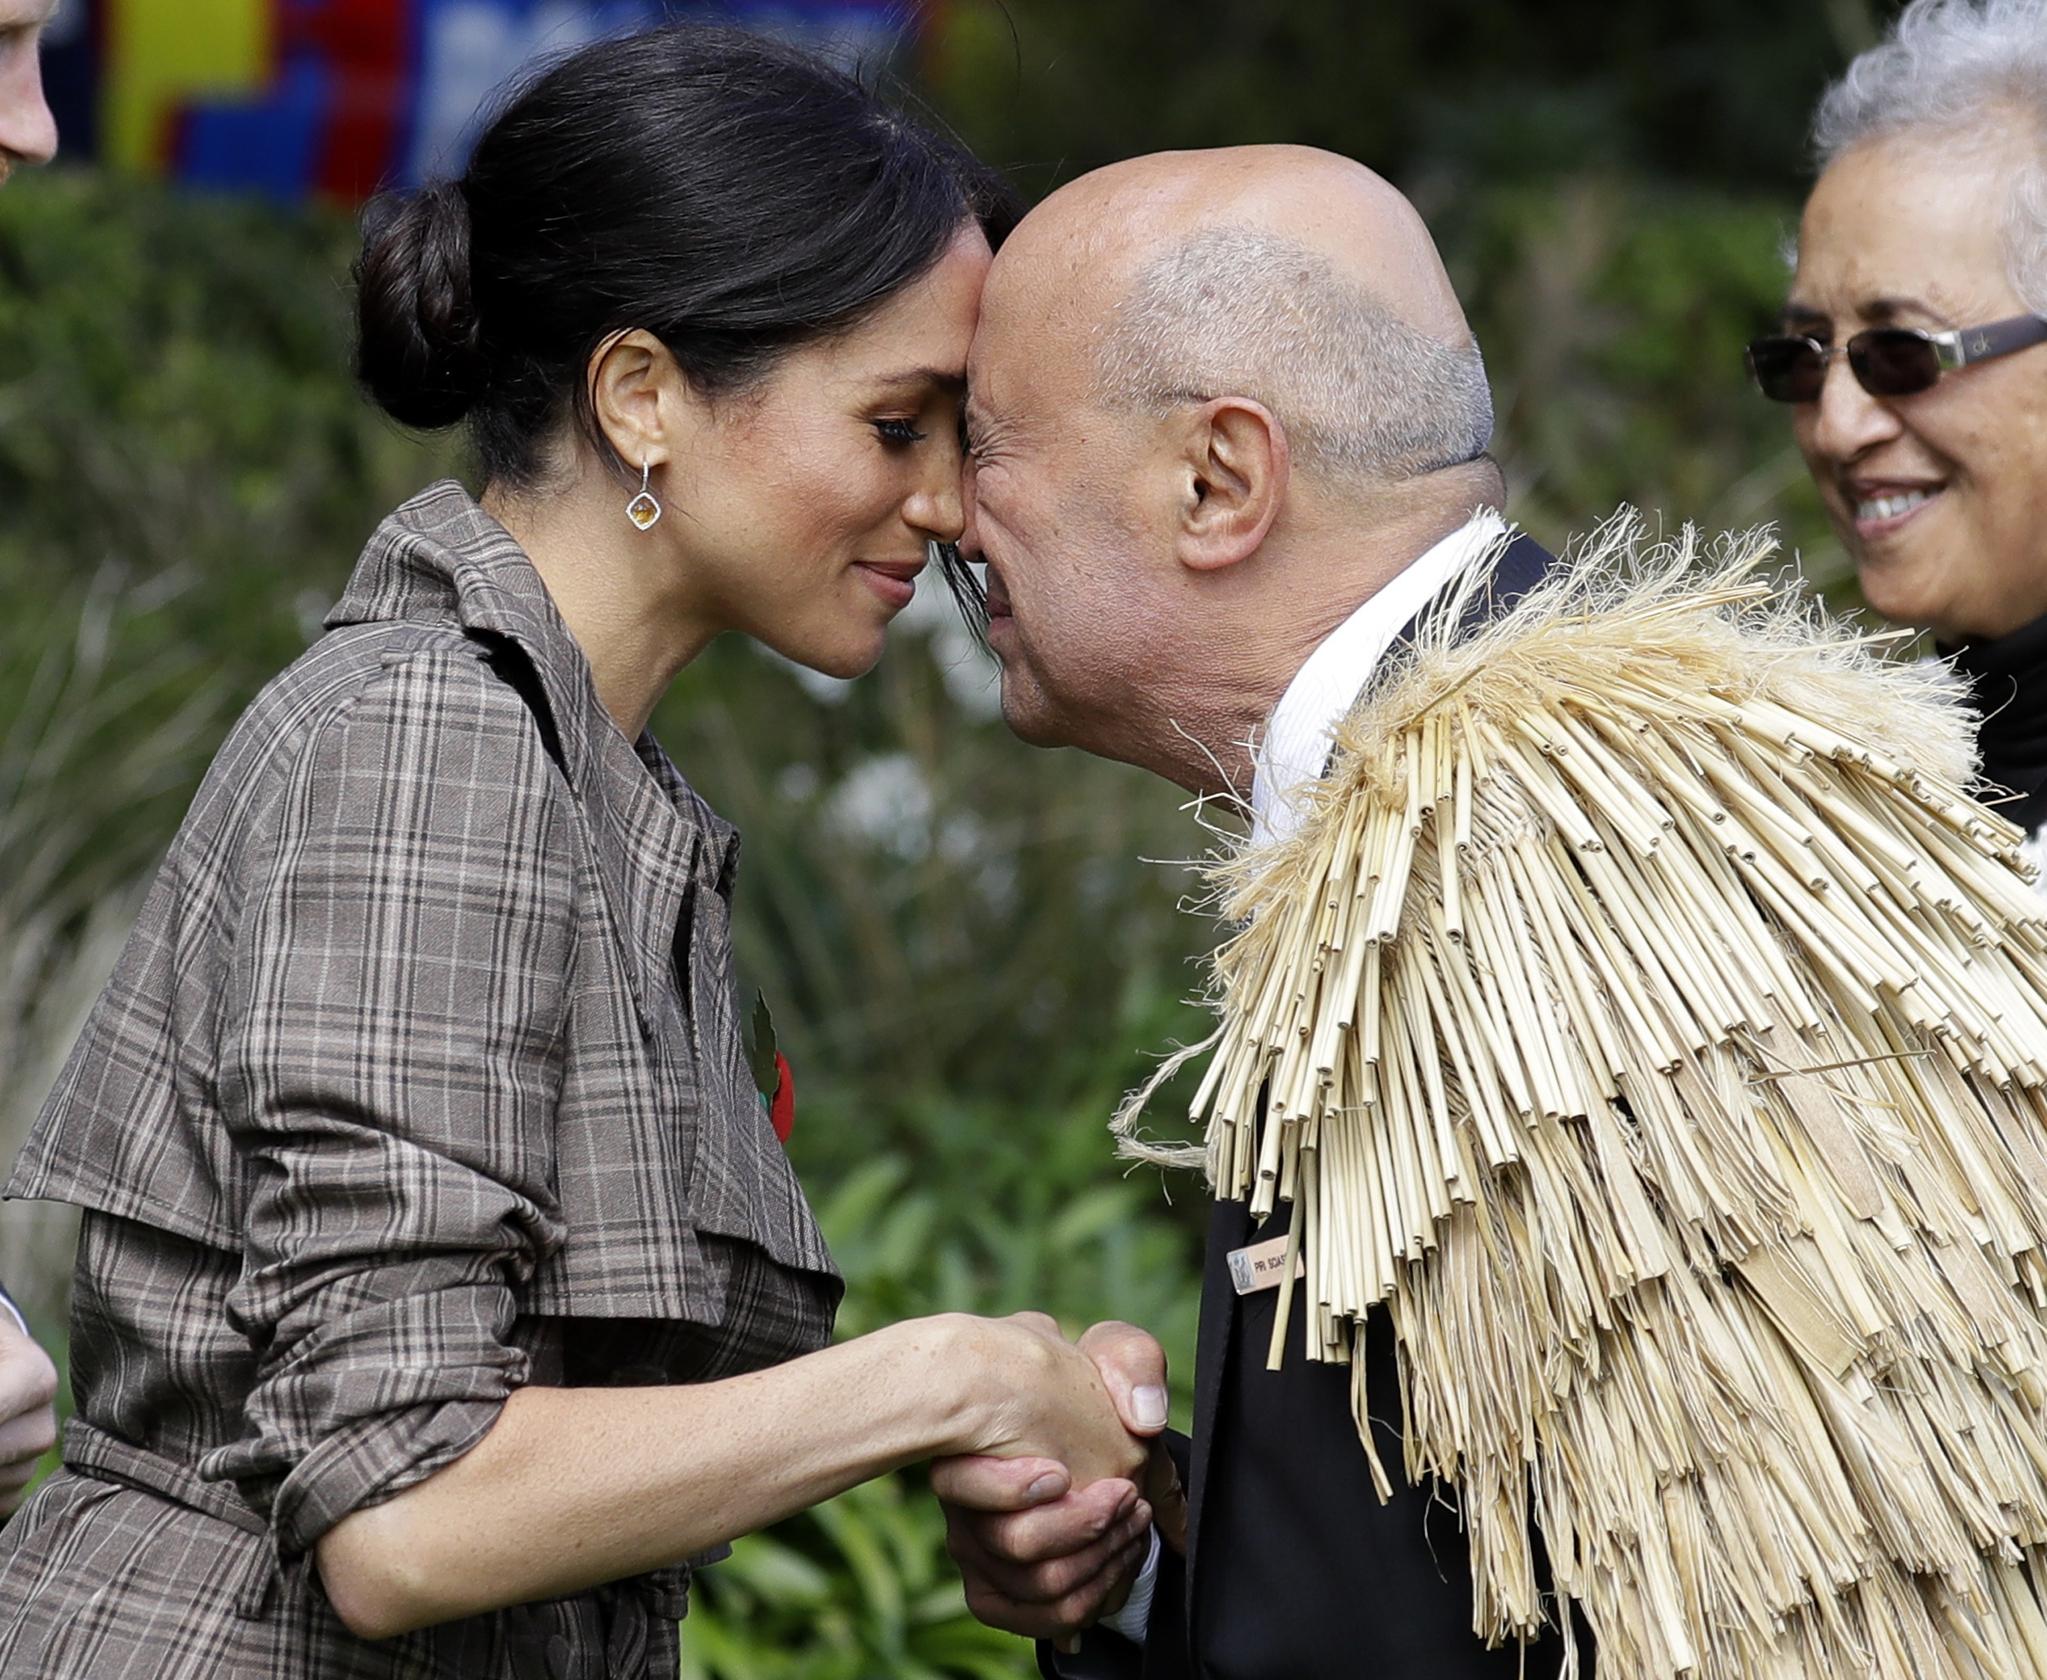 메간 왕자비가 28일 뉴질랜드 웰링턴의 정부청사 잔디 마당에서 마오리족의 전통 인사법인 '홍이' 인사를 하고 있다. [AP=연합뉴스]